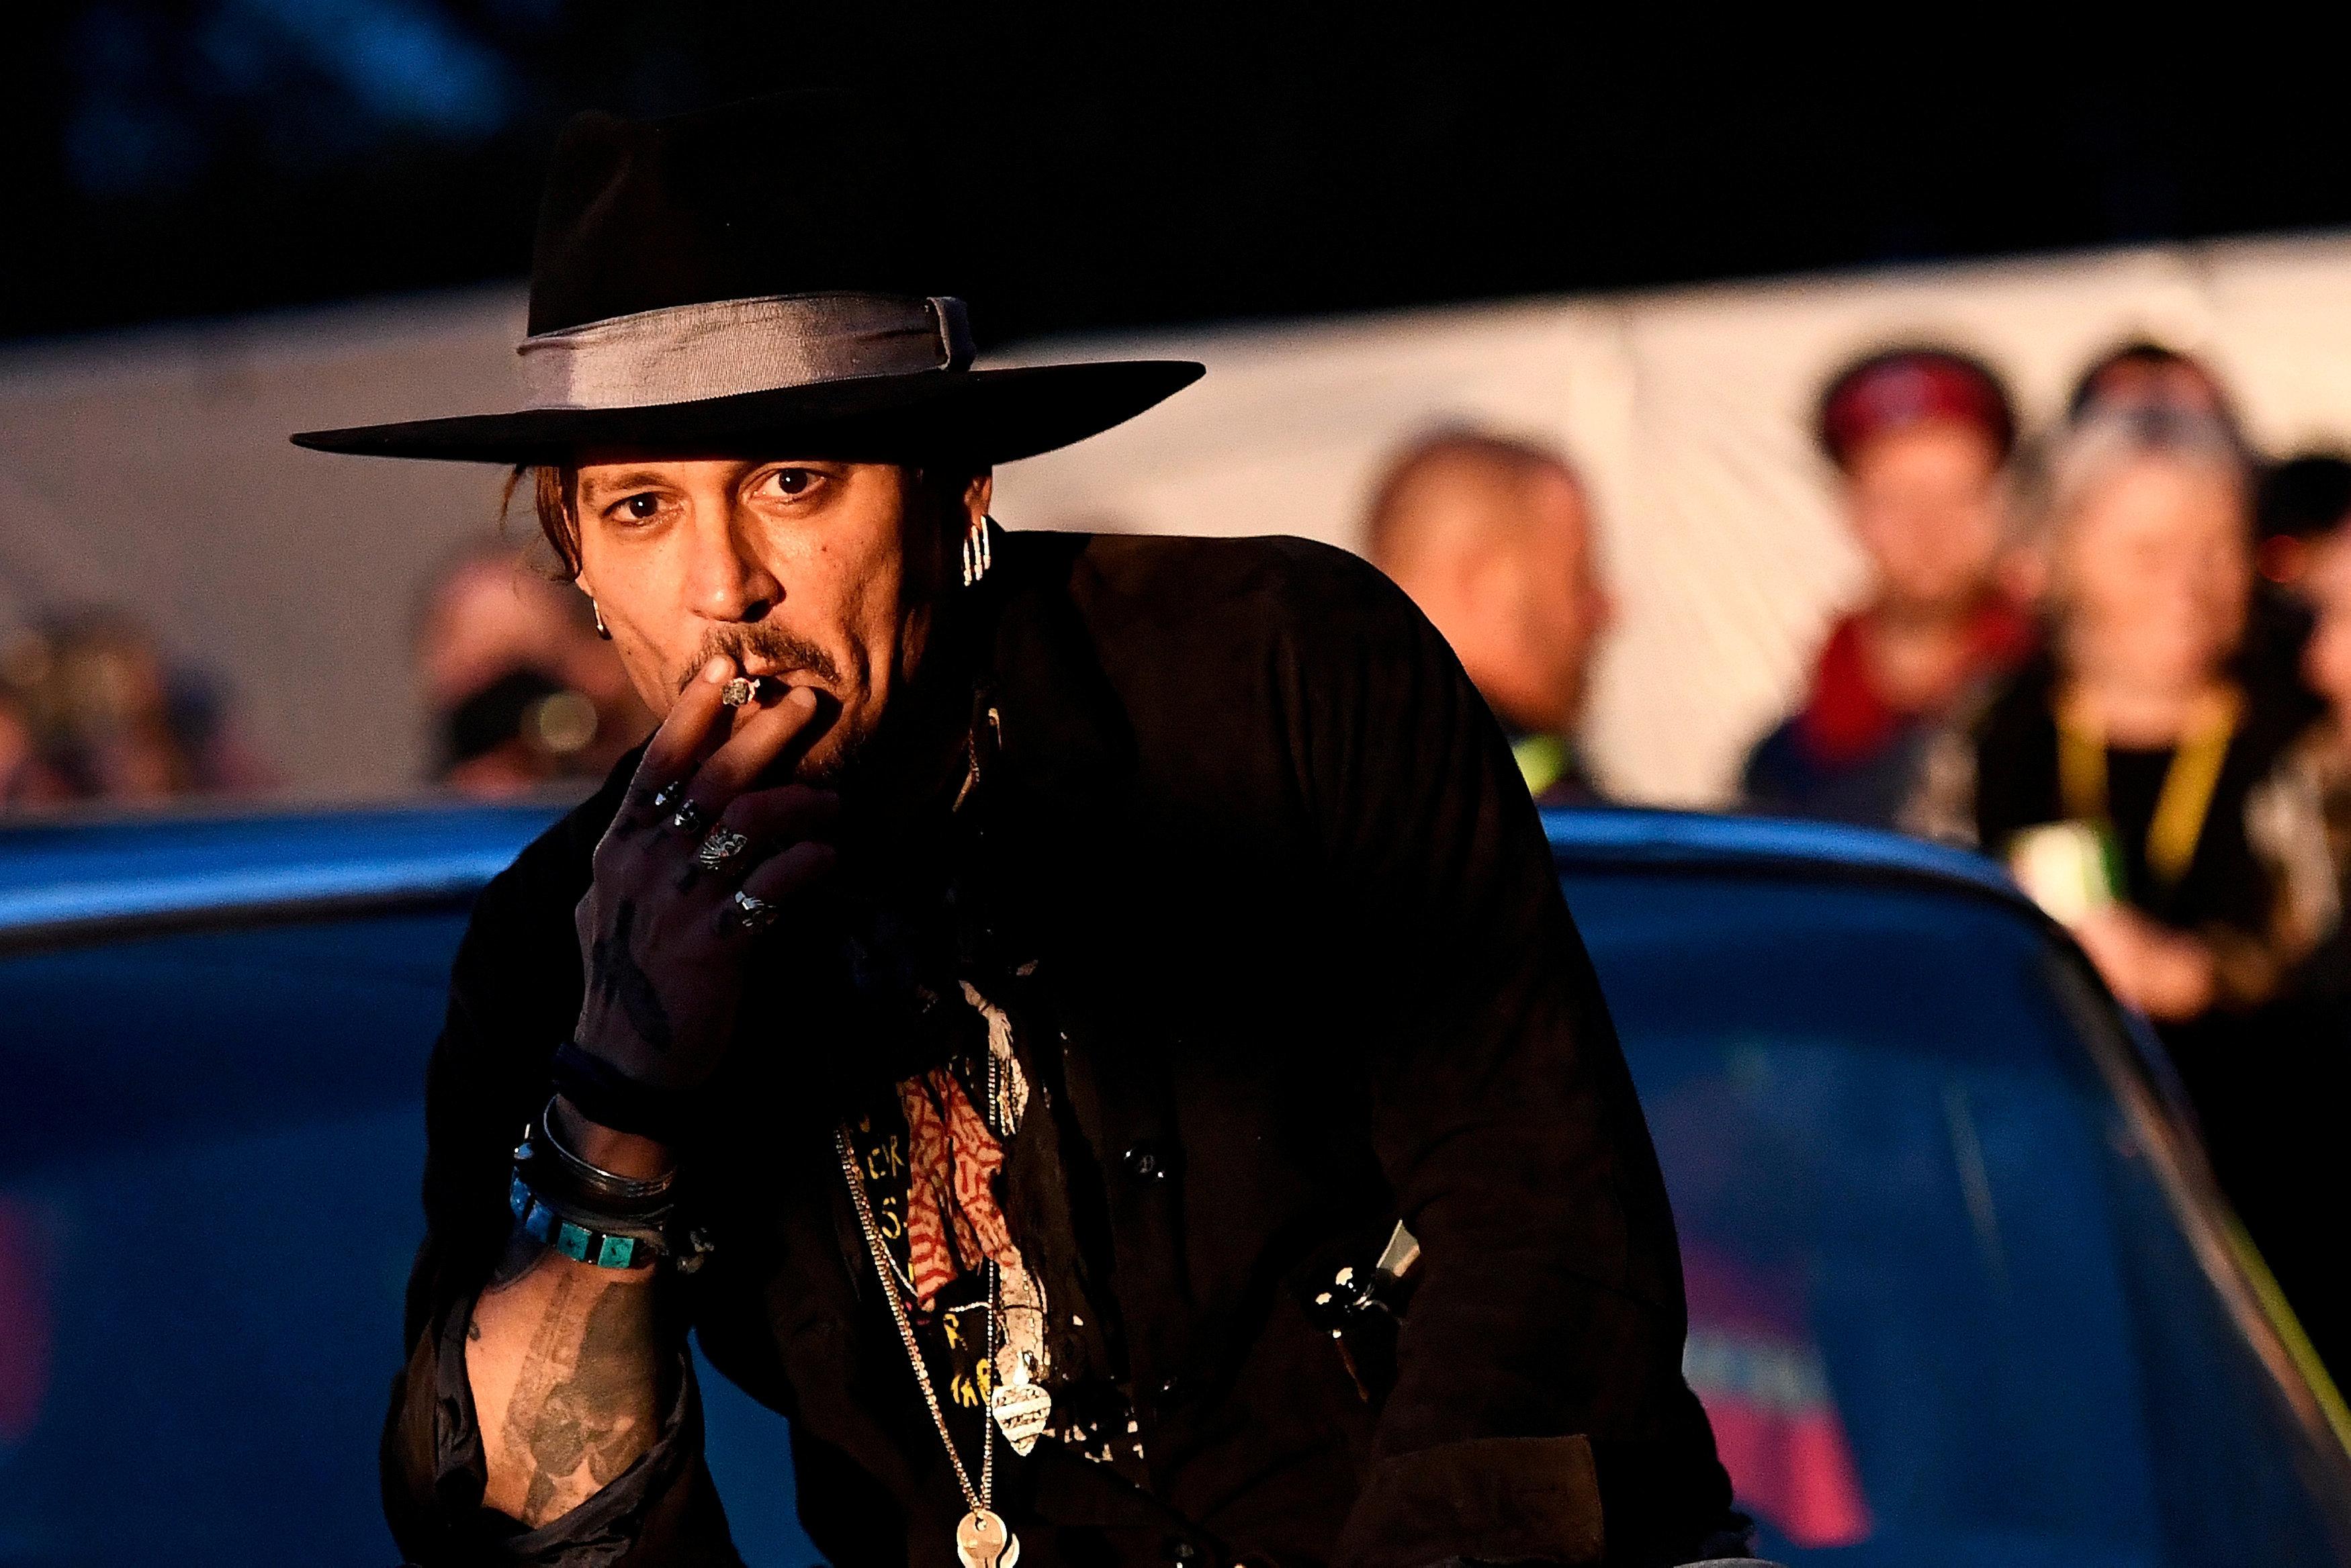 Η οικονομική κατρακύλα του Johnny Depp, τα έξοδα των 2εκατ $ το μήνα και η διαμάχη με τον